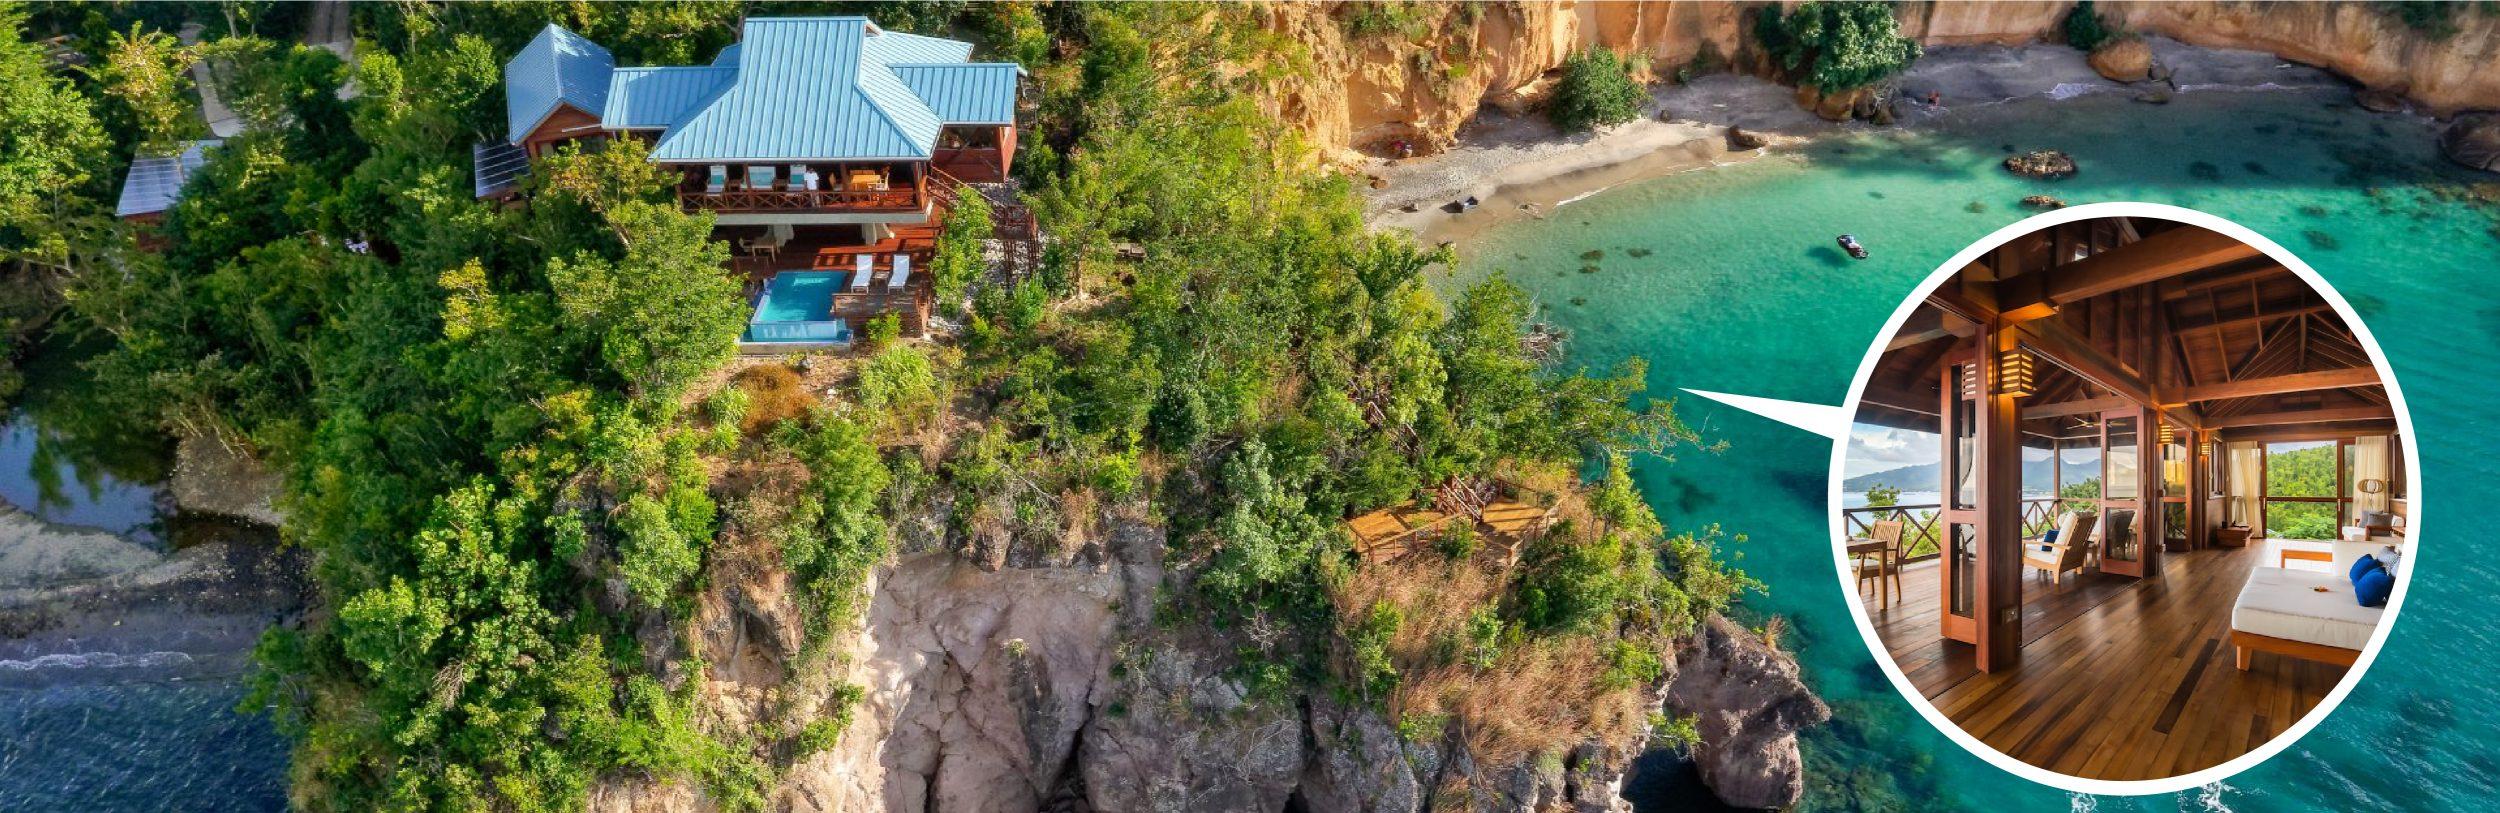 Đầu tư khách sạn 6 sao Secret Bay. Lấy quốc tịch Dominica passport tự do đi lại 141 nước.